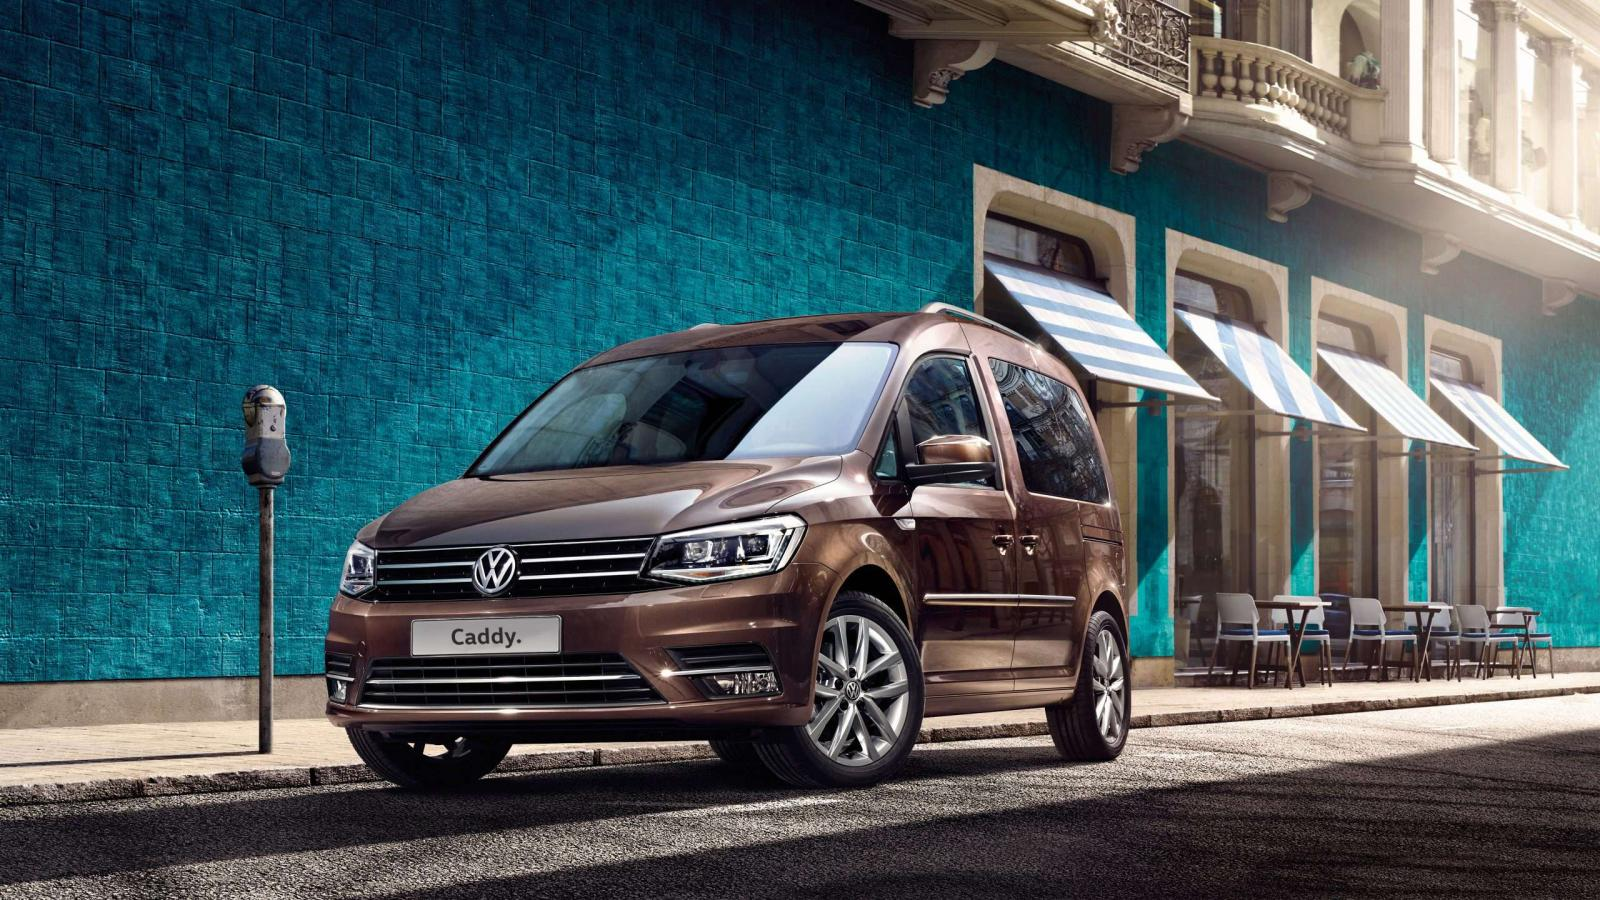 La Volkswagen Caddy 2020 precio es un modelo enfocado al mundo comercial